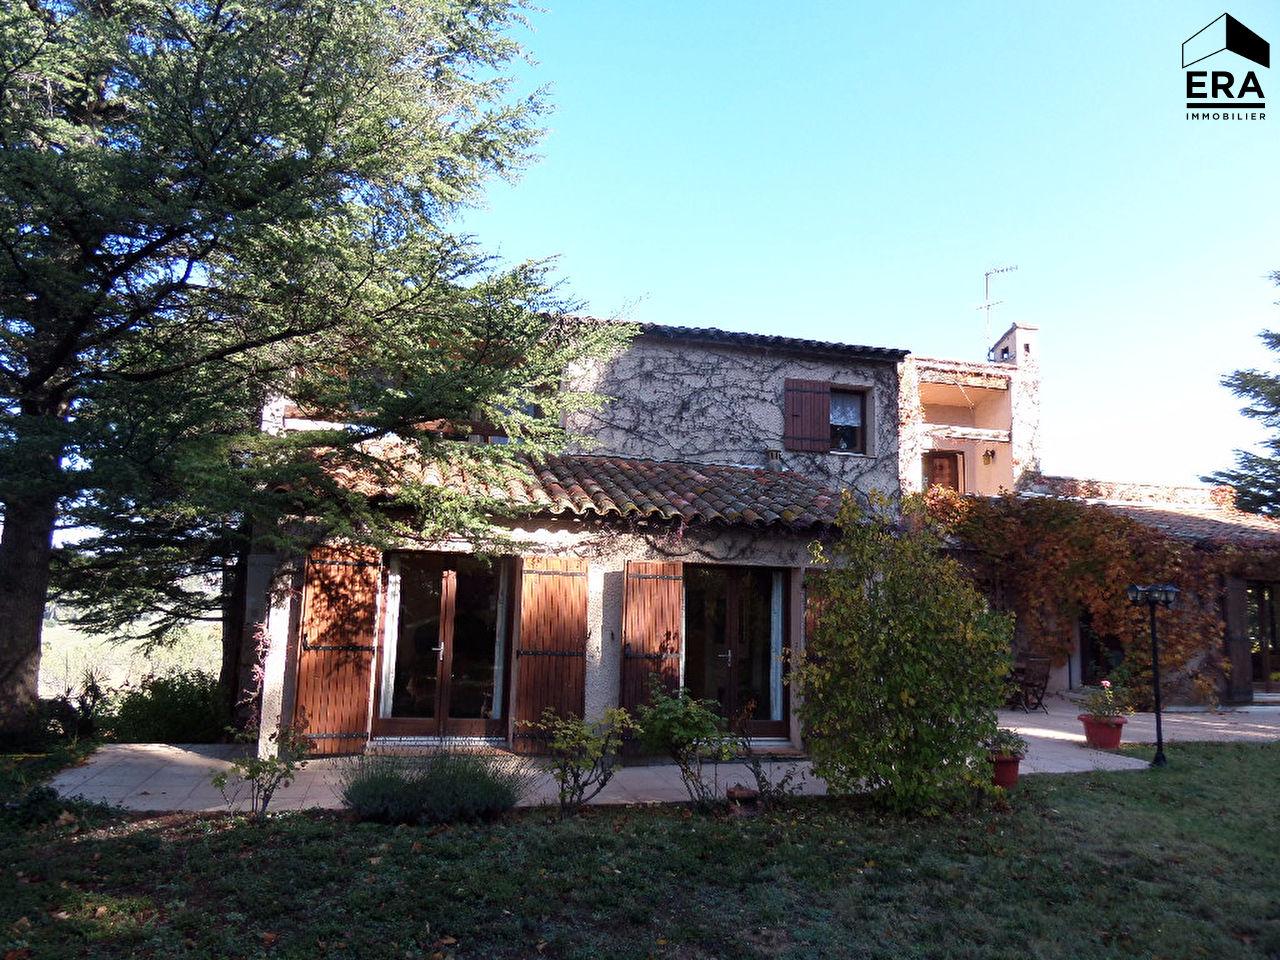 Achat immobilier villa type six avec grand terrain aix for Achat maison sud